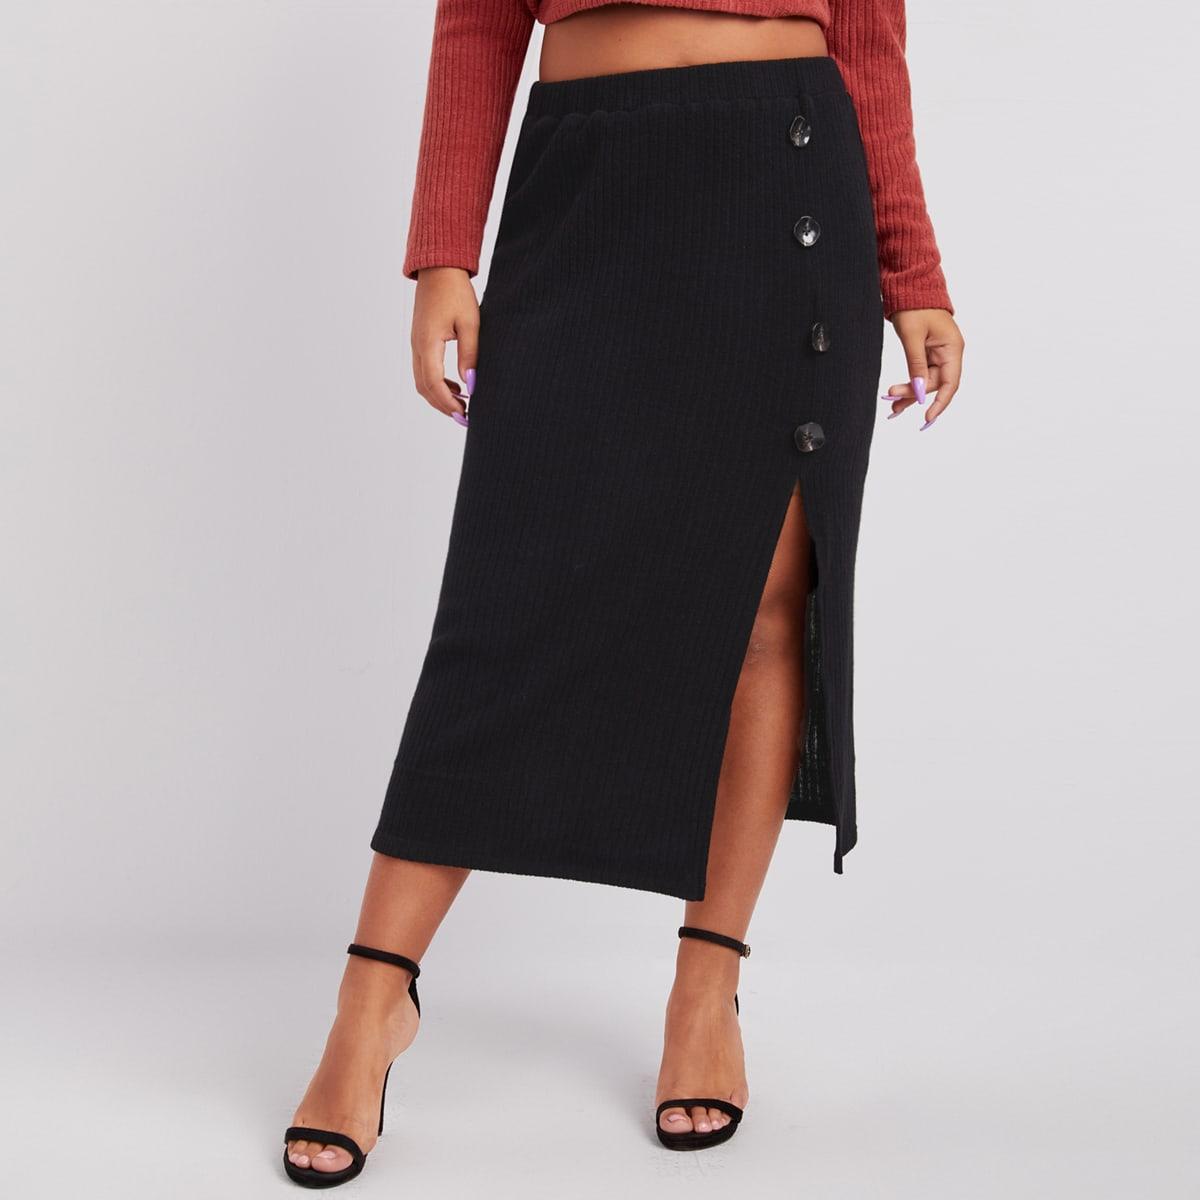 Вязаная юбка размера плюс с разрезом и пуговицами